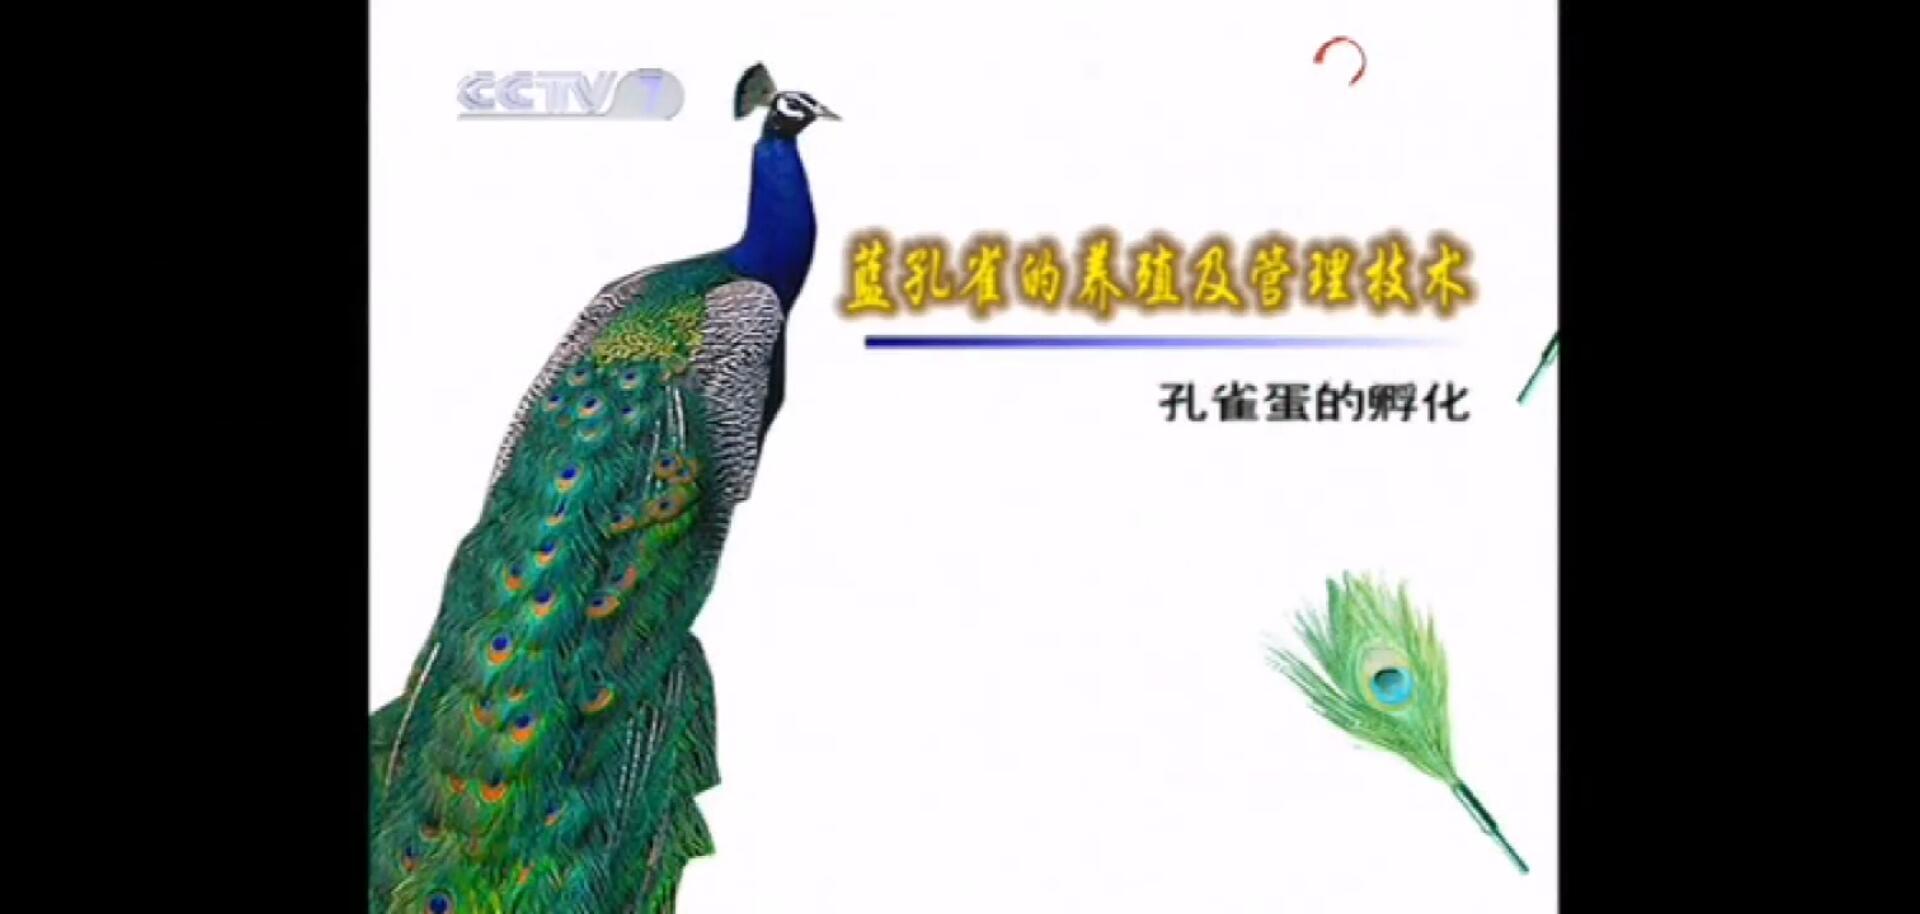 CCTV-7农广天地ballbet养殖技术